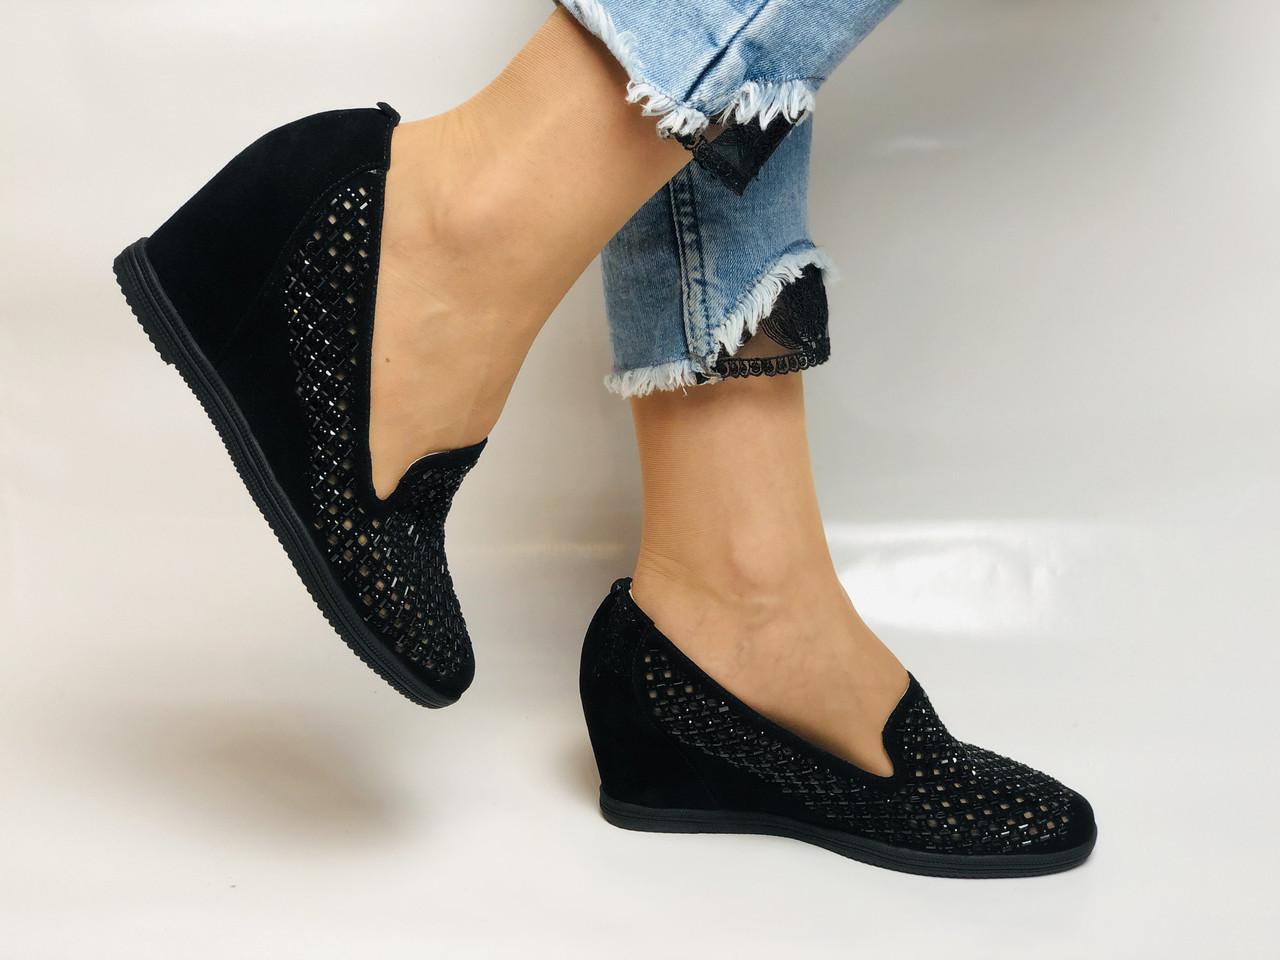 StaloTotti. Жіночі модельні туфлі-човники. Натуральна замша. Розмір 35.36.37.38.39.40